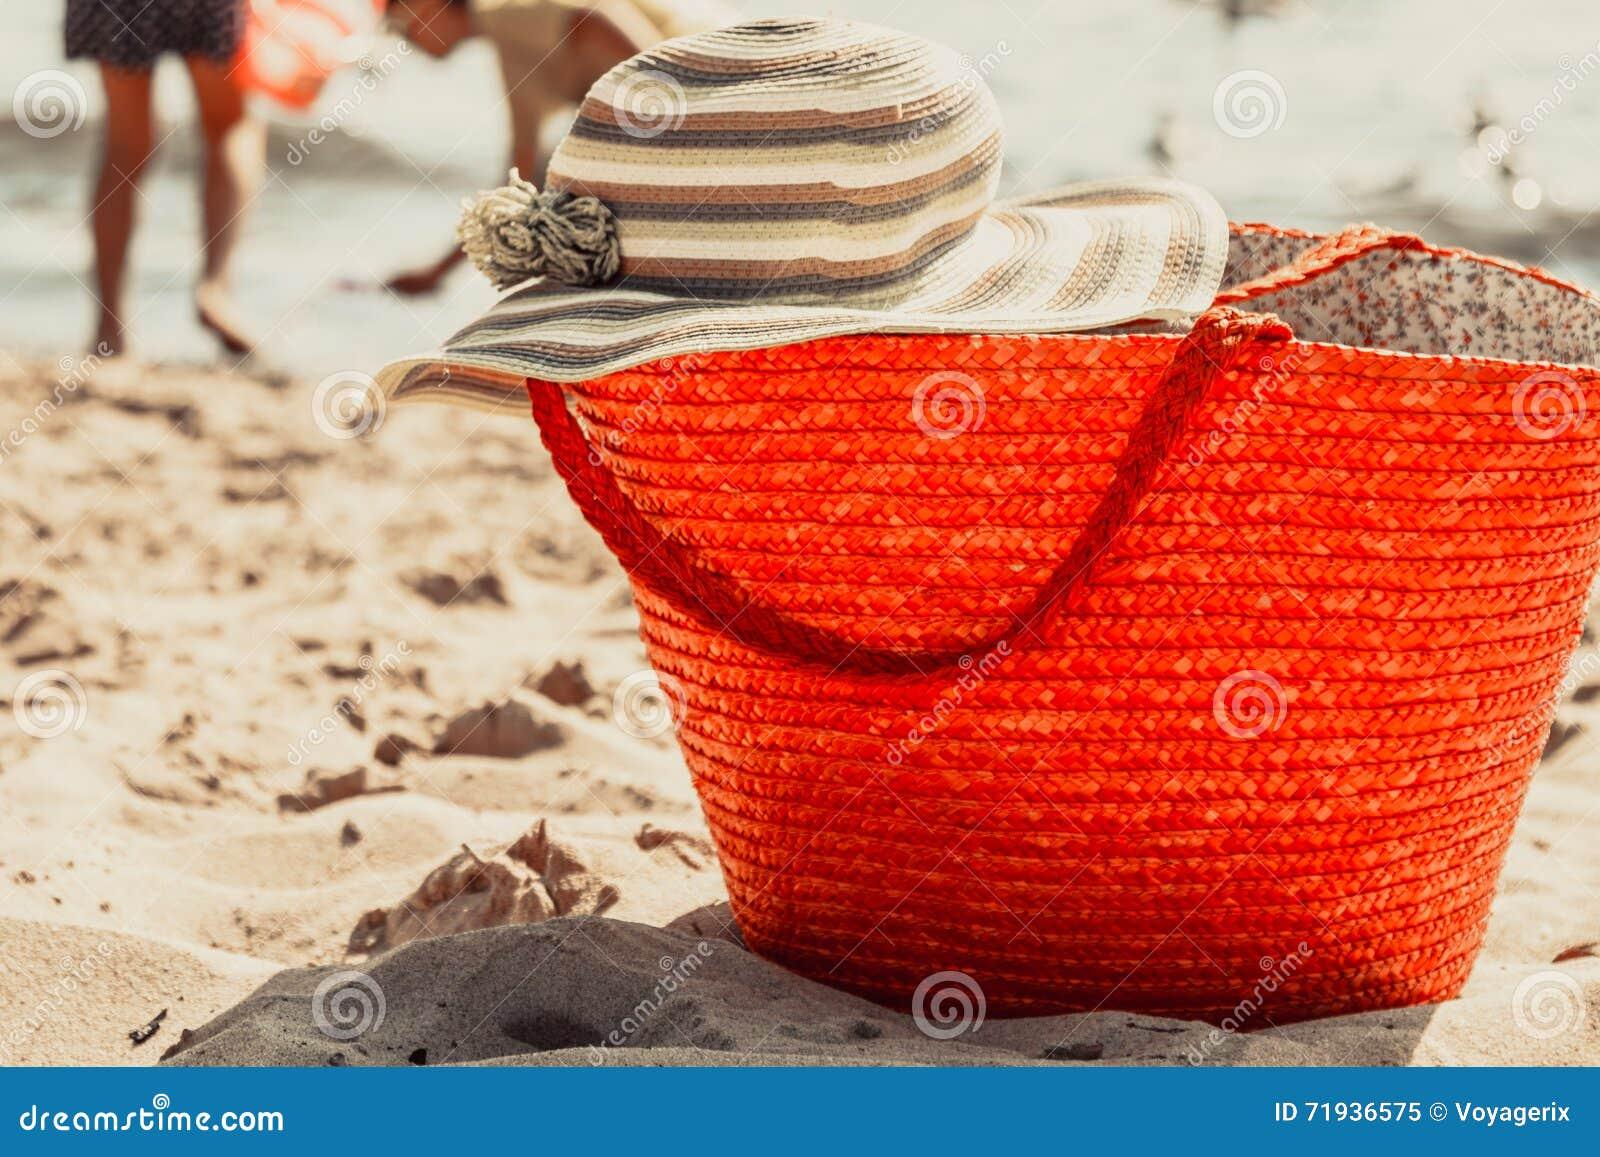 Сумка и шляпа сумки плетеной корзины на лете приставают к берегу